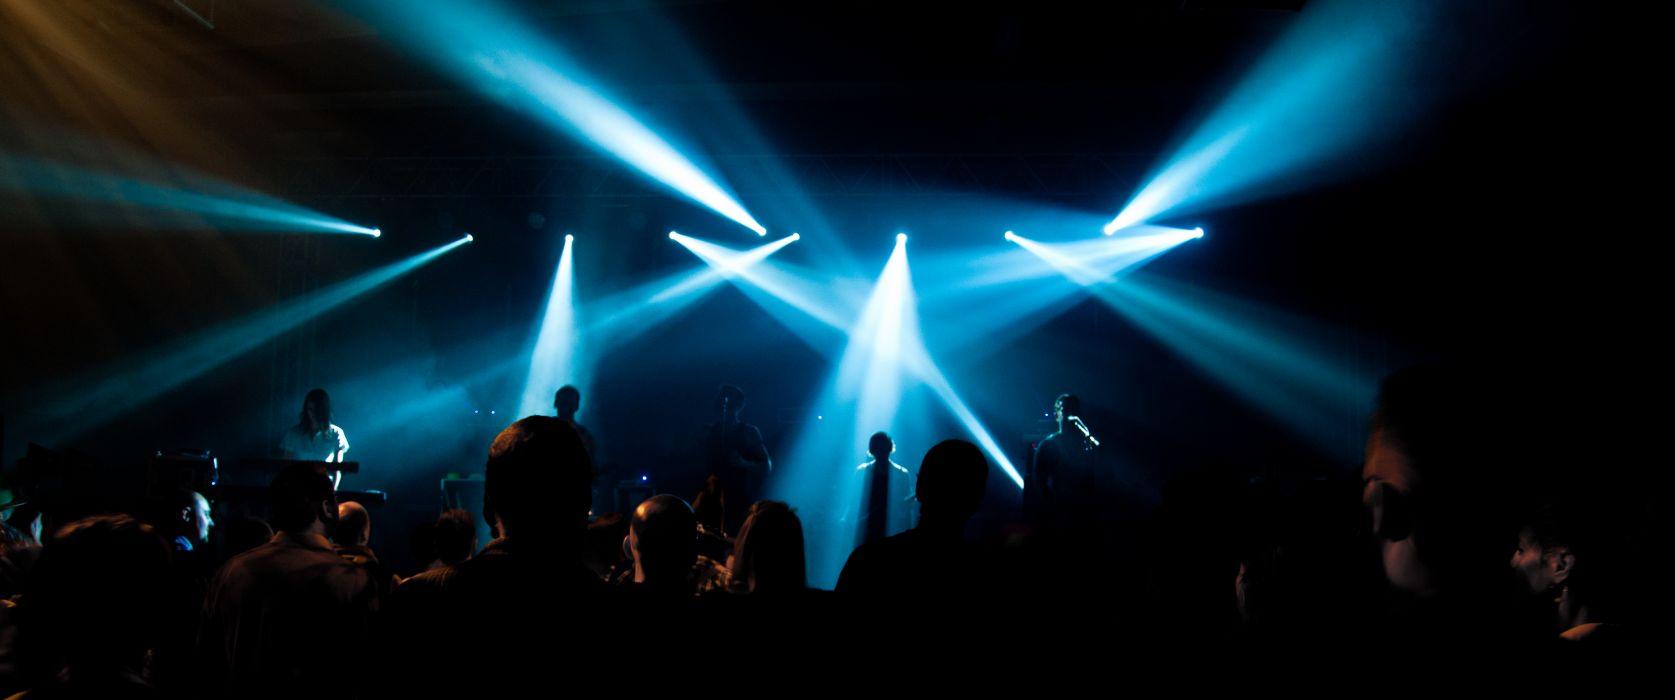 RAMMSTEIN industrial metal heavy concert concerts     e wallpaper